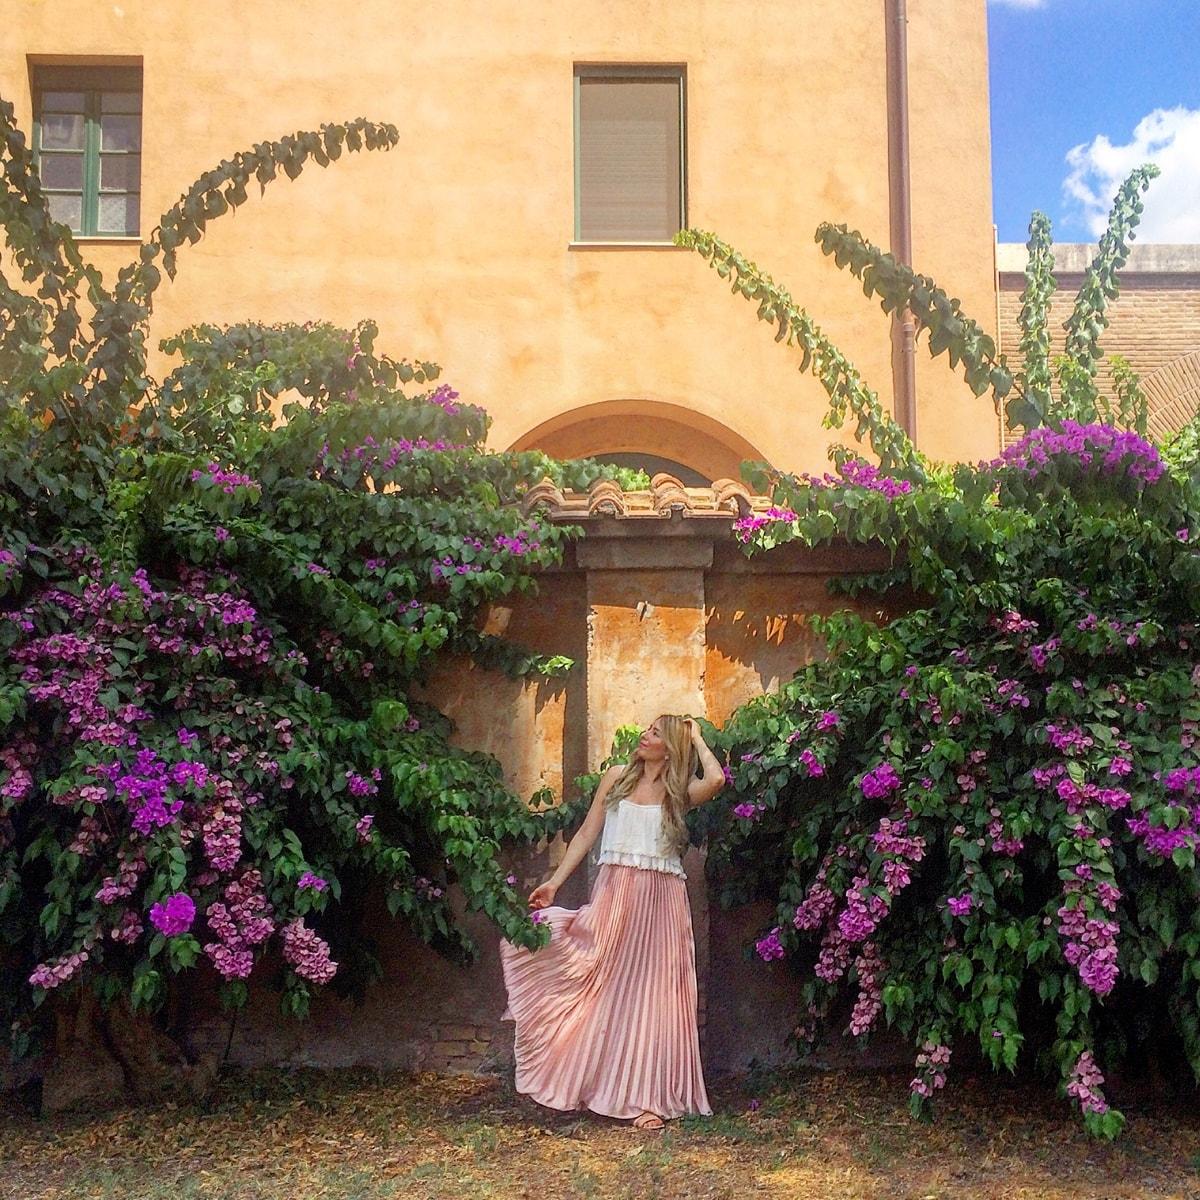 andreea ristea in rome, travel blogger